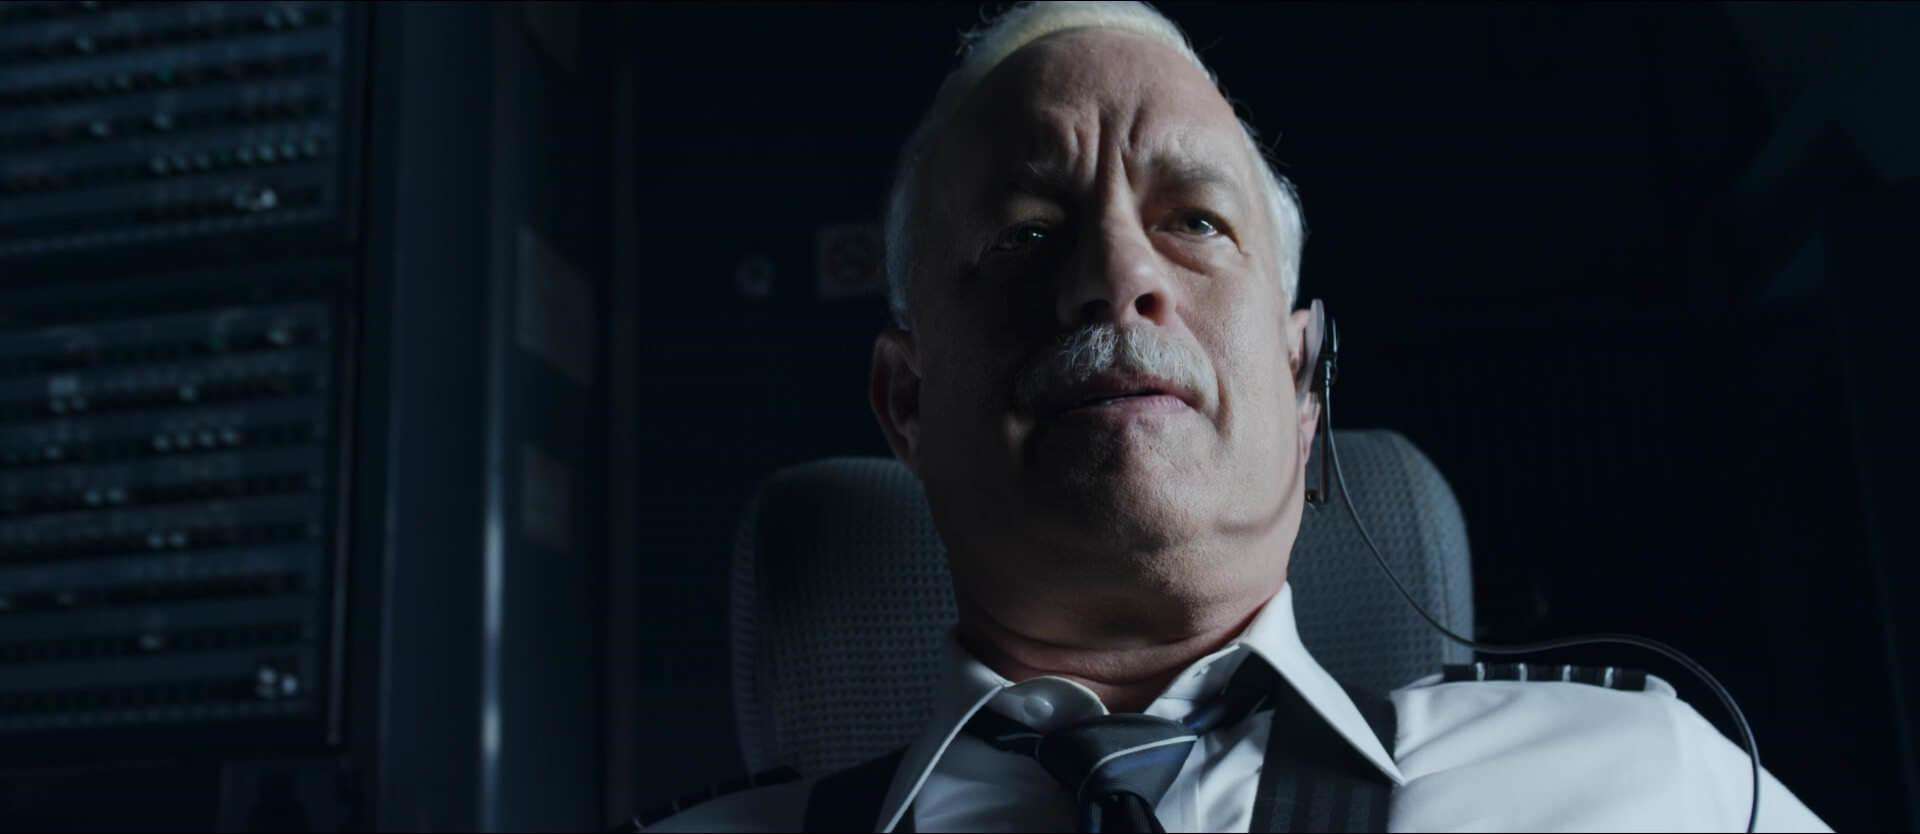 薩利機長:哈德遜奇蹟,年度必看奧斯卡經典大戲┃影評